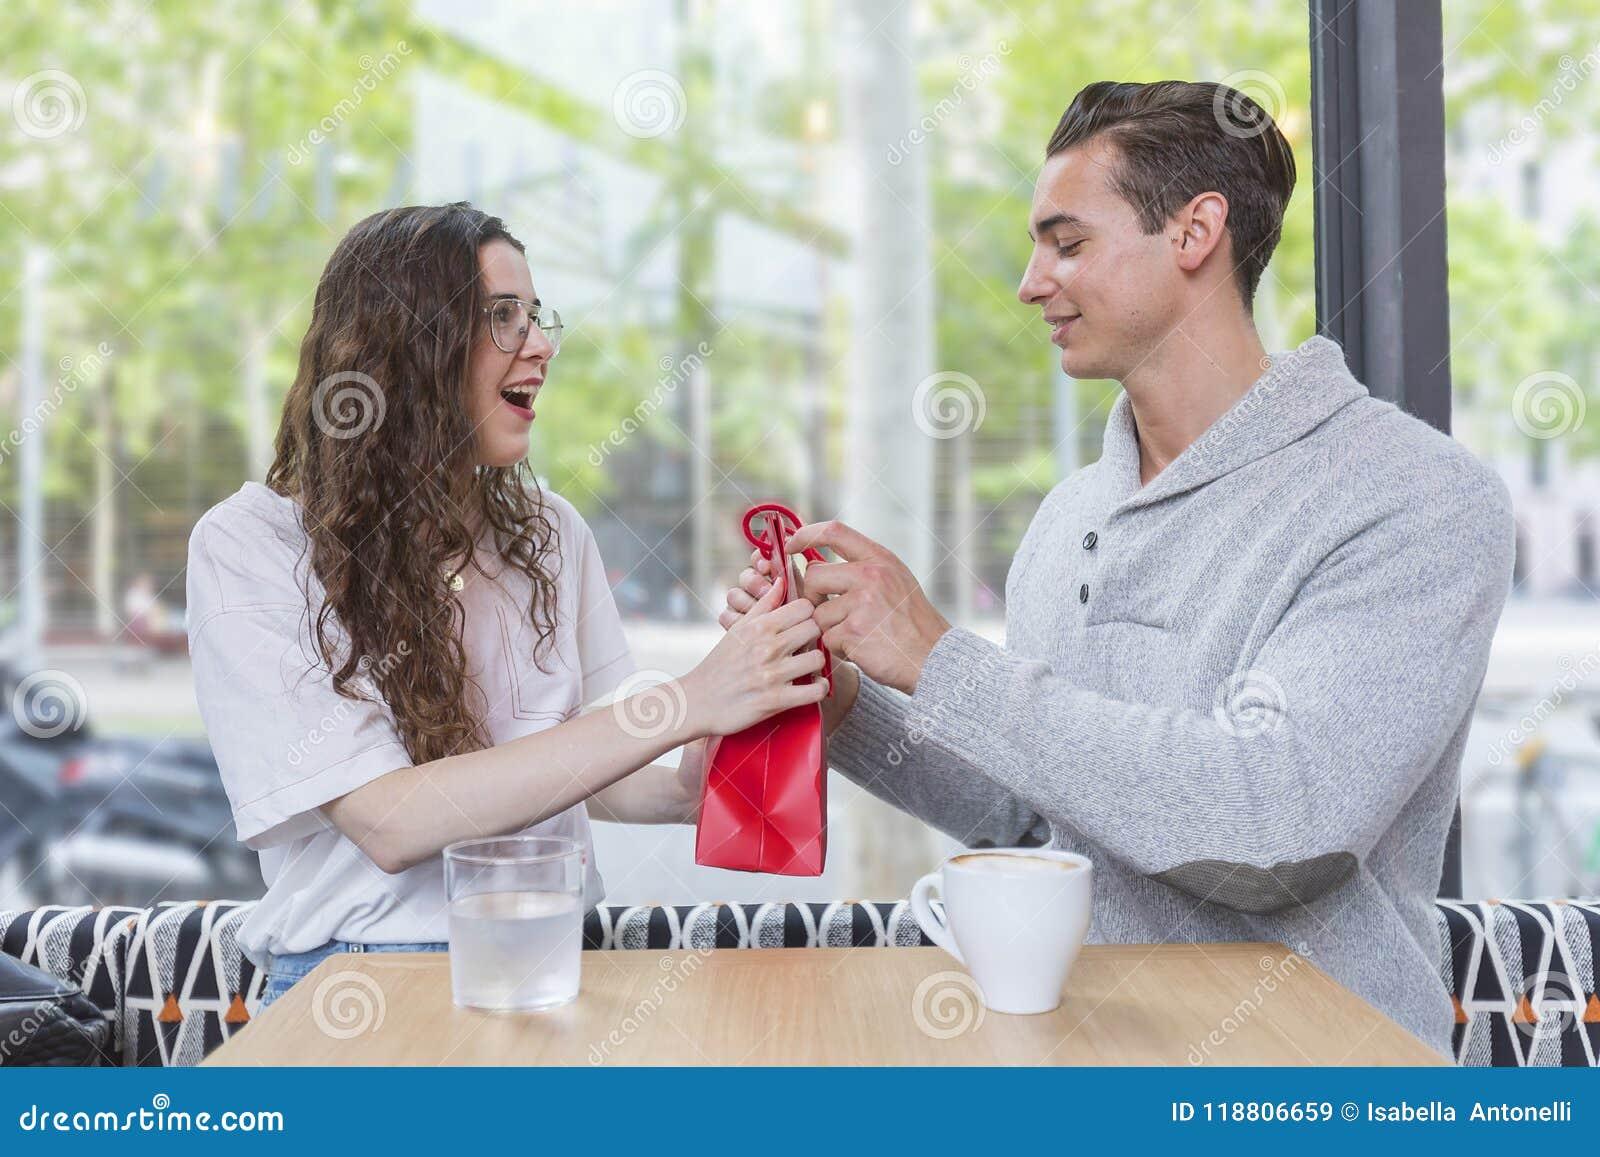 Ευτυχής νέα συνεδρίαση ζευγών στον πίνακα καφέδων με ένα παρόν